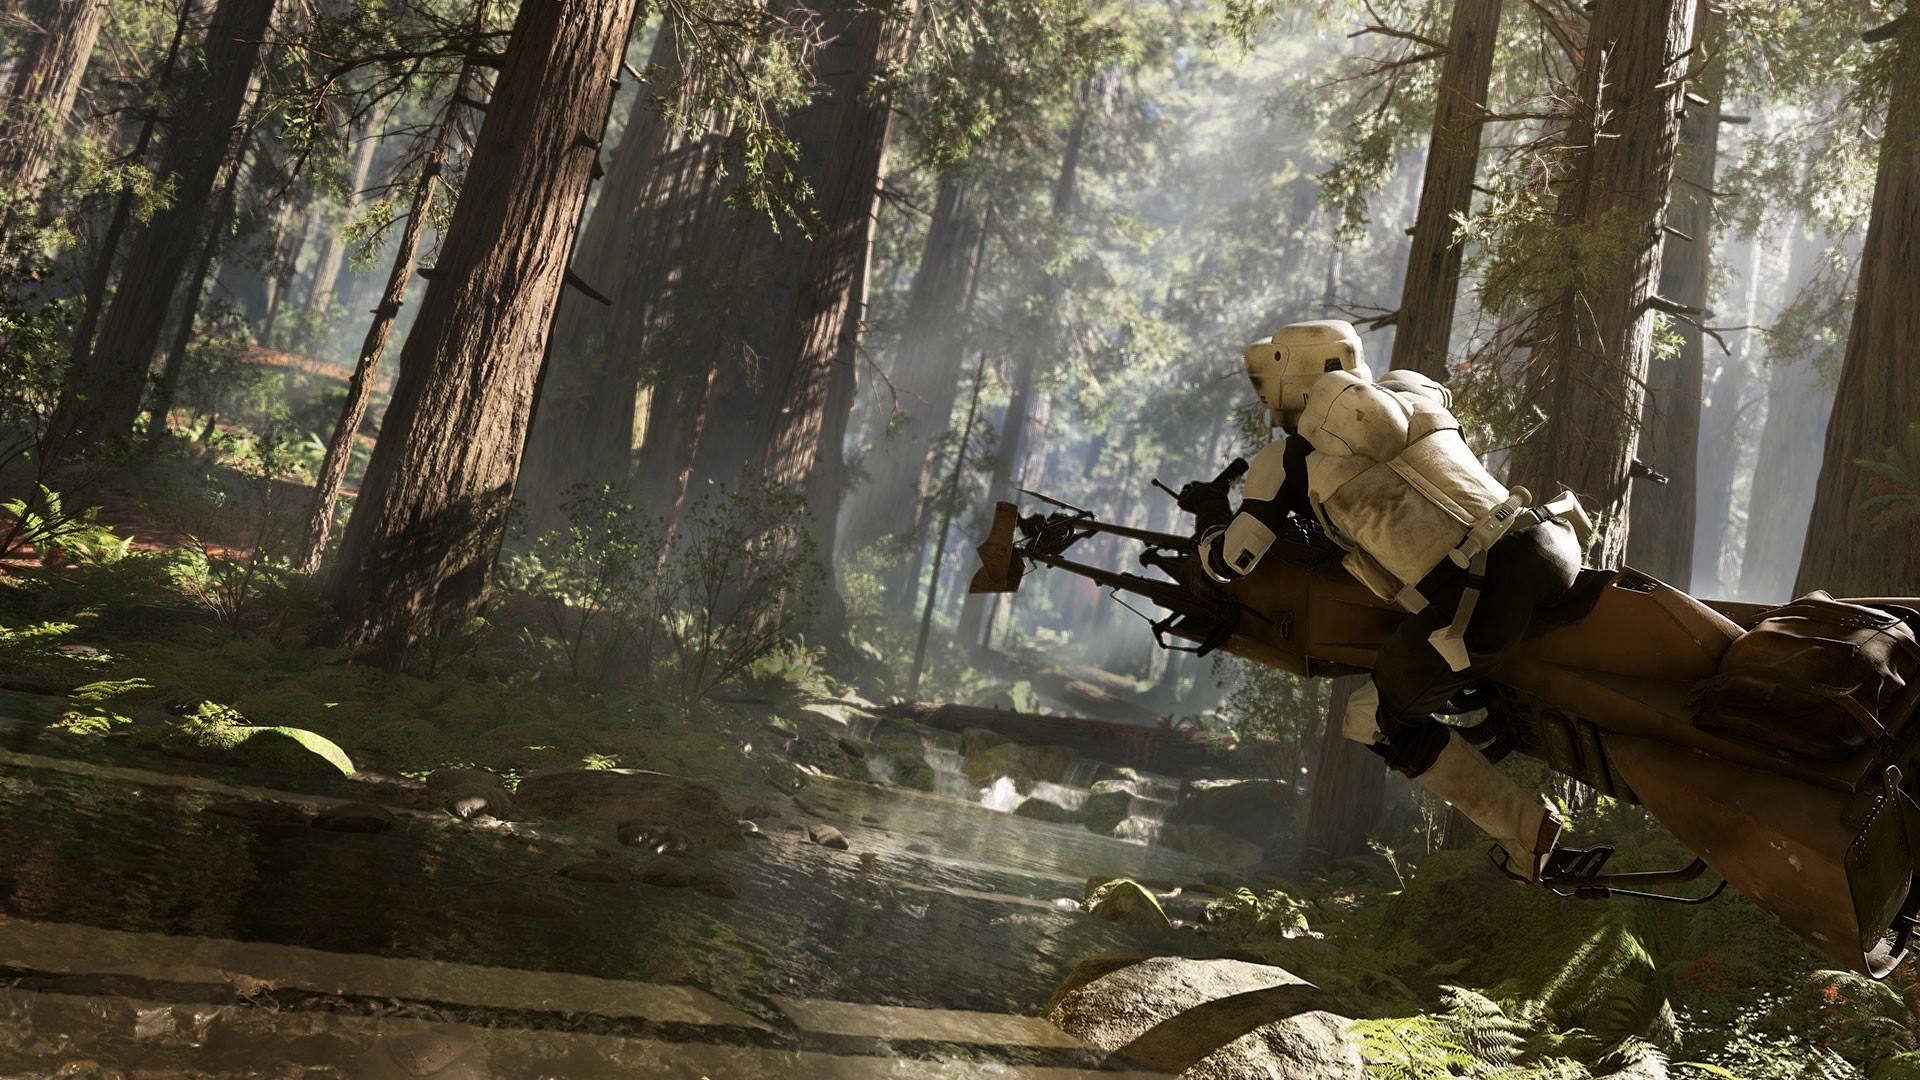 forest Star Wars speeder bike jungle mythology scout trooper Star Wars Battlefront EA Games Endor games screenshot habitat natural environment pc game 131645